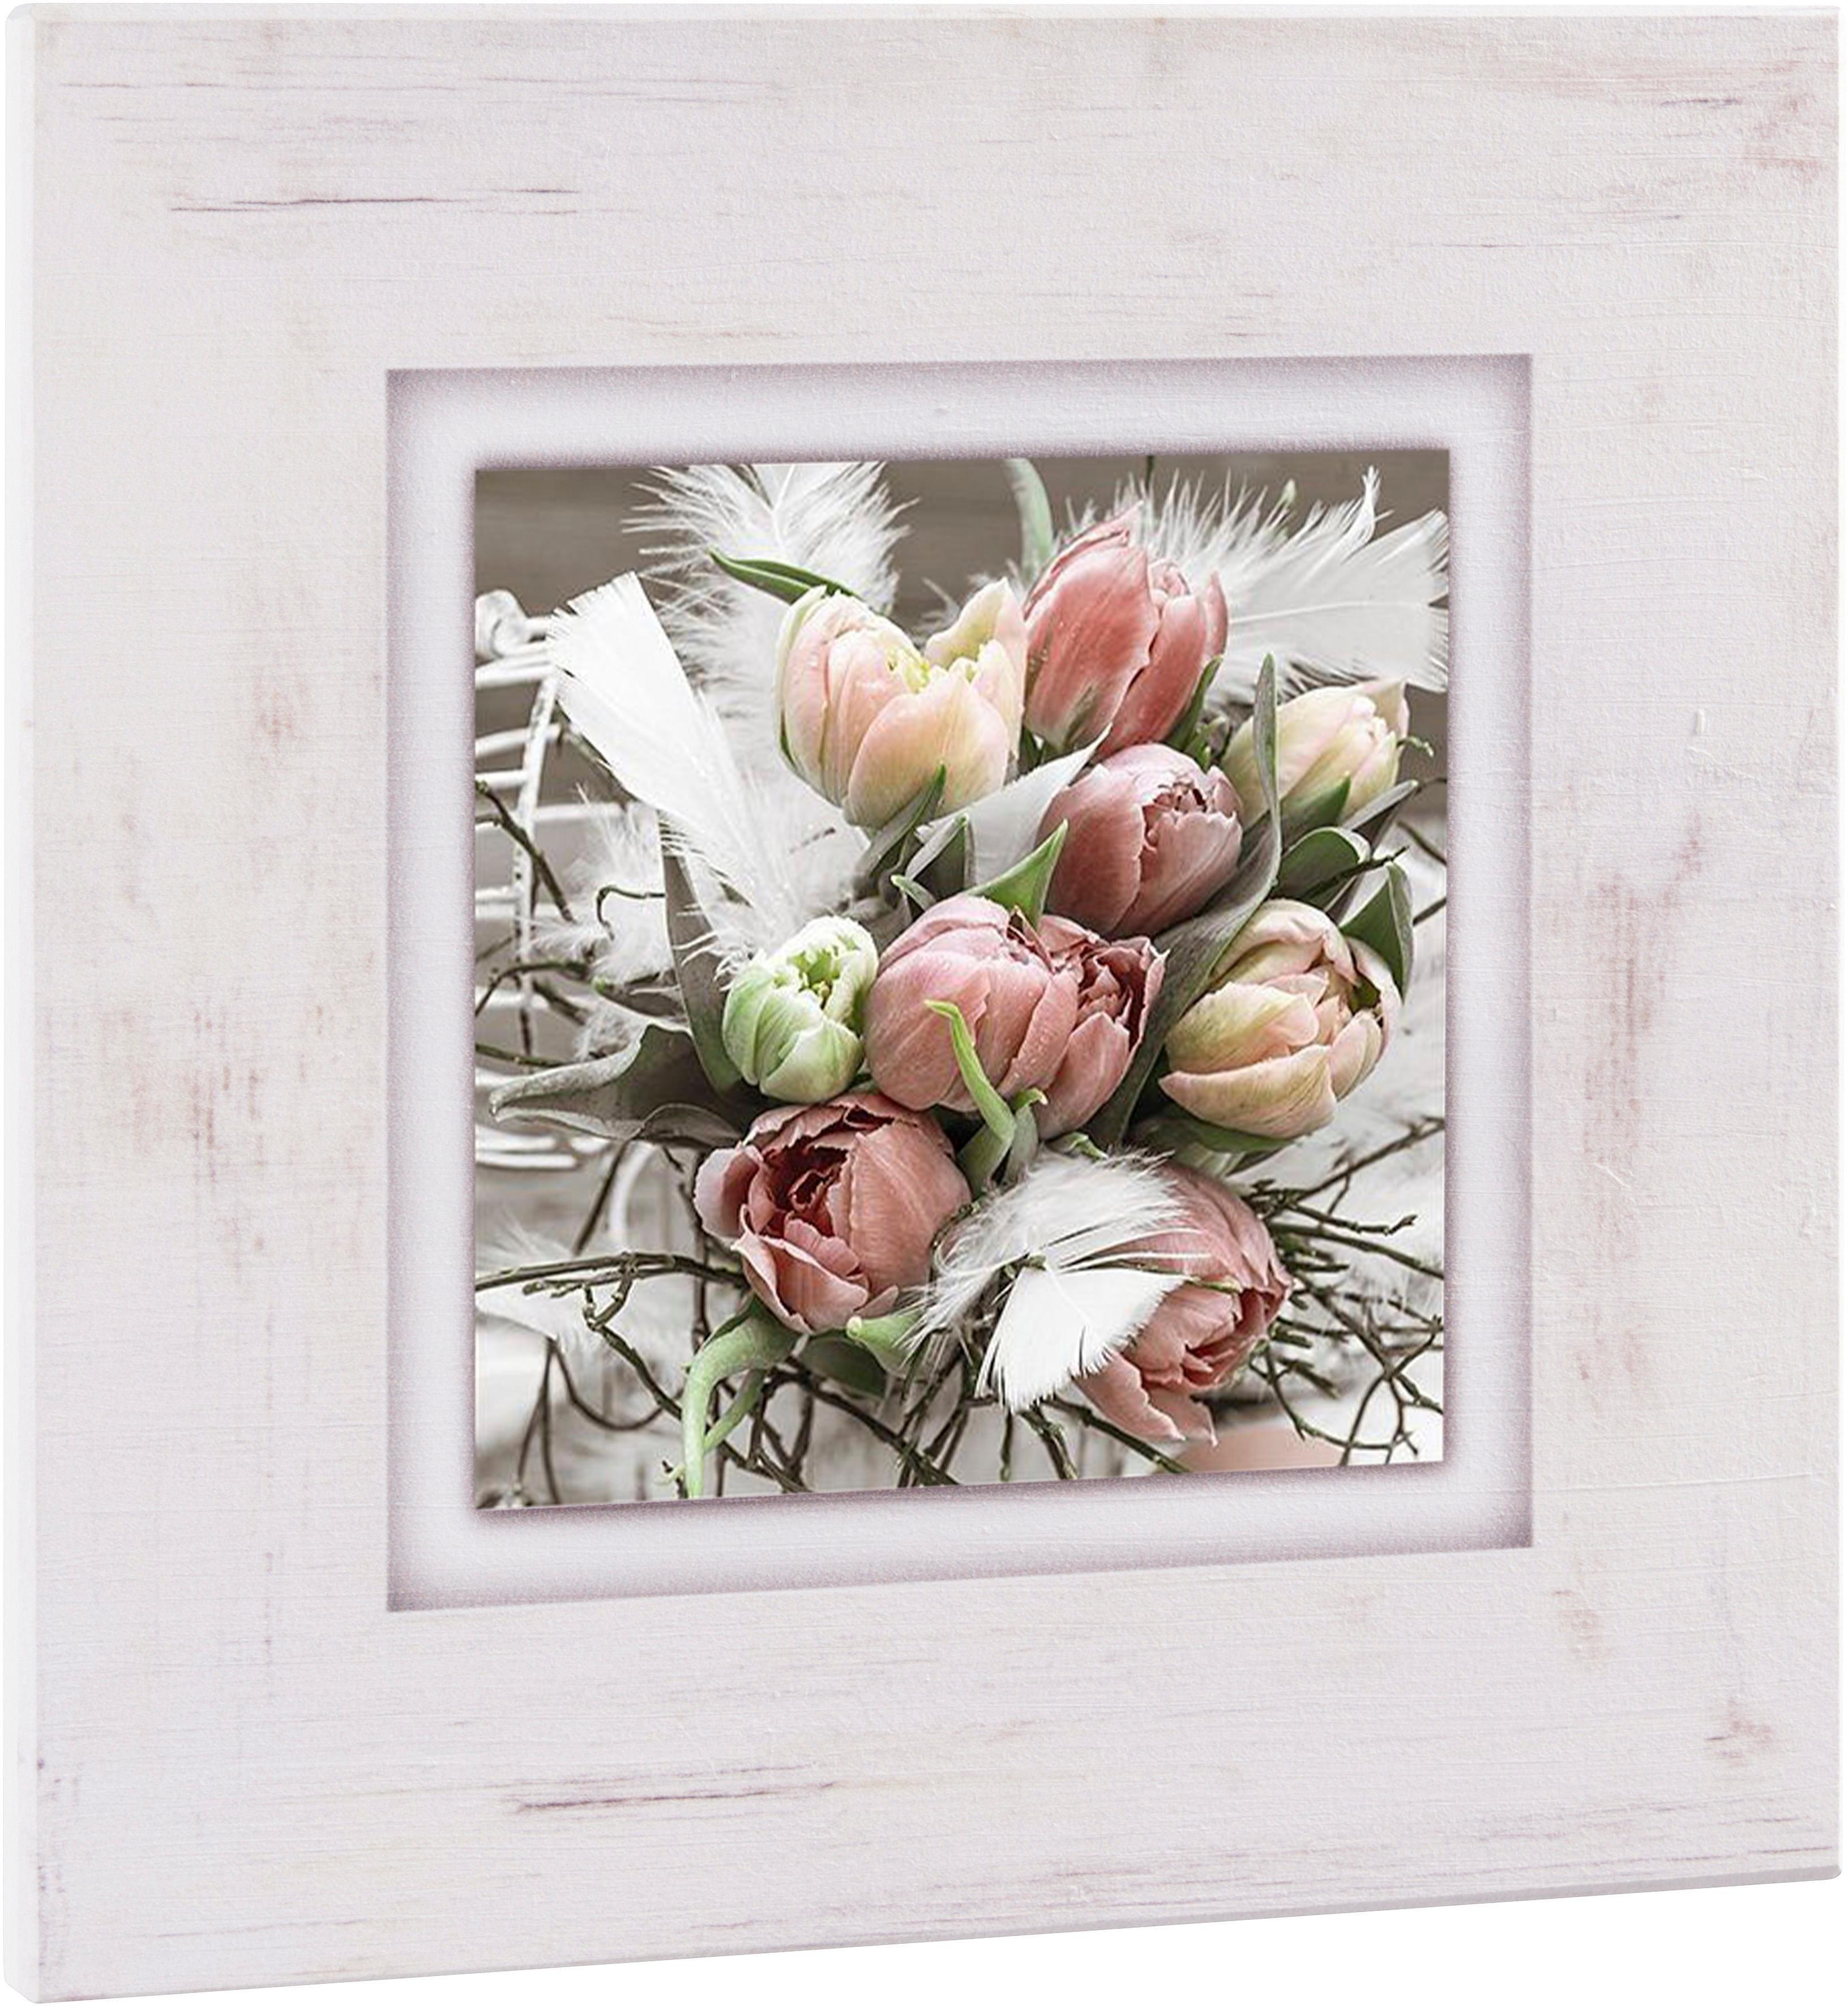 Home Affaire artprint op hout »Tulpenboeket«, 40x40 cm bestellen: 30 dagen bedenktijd